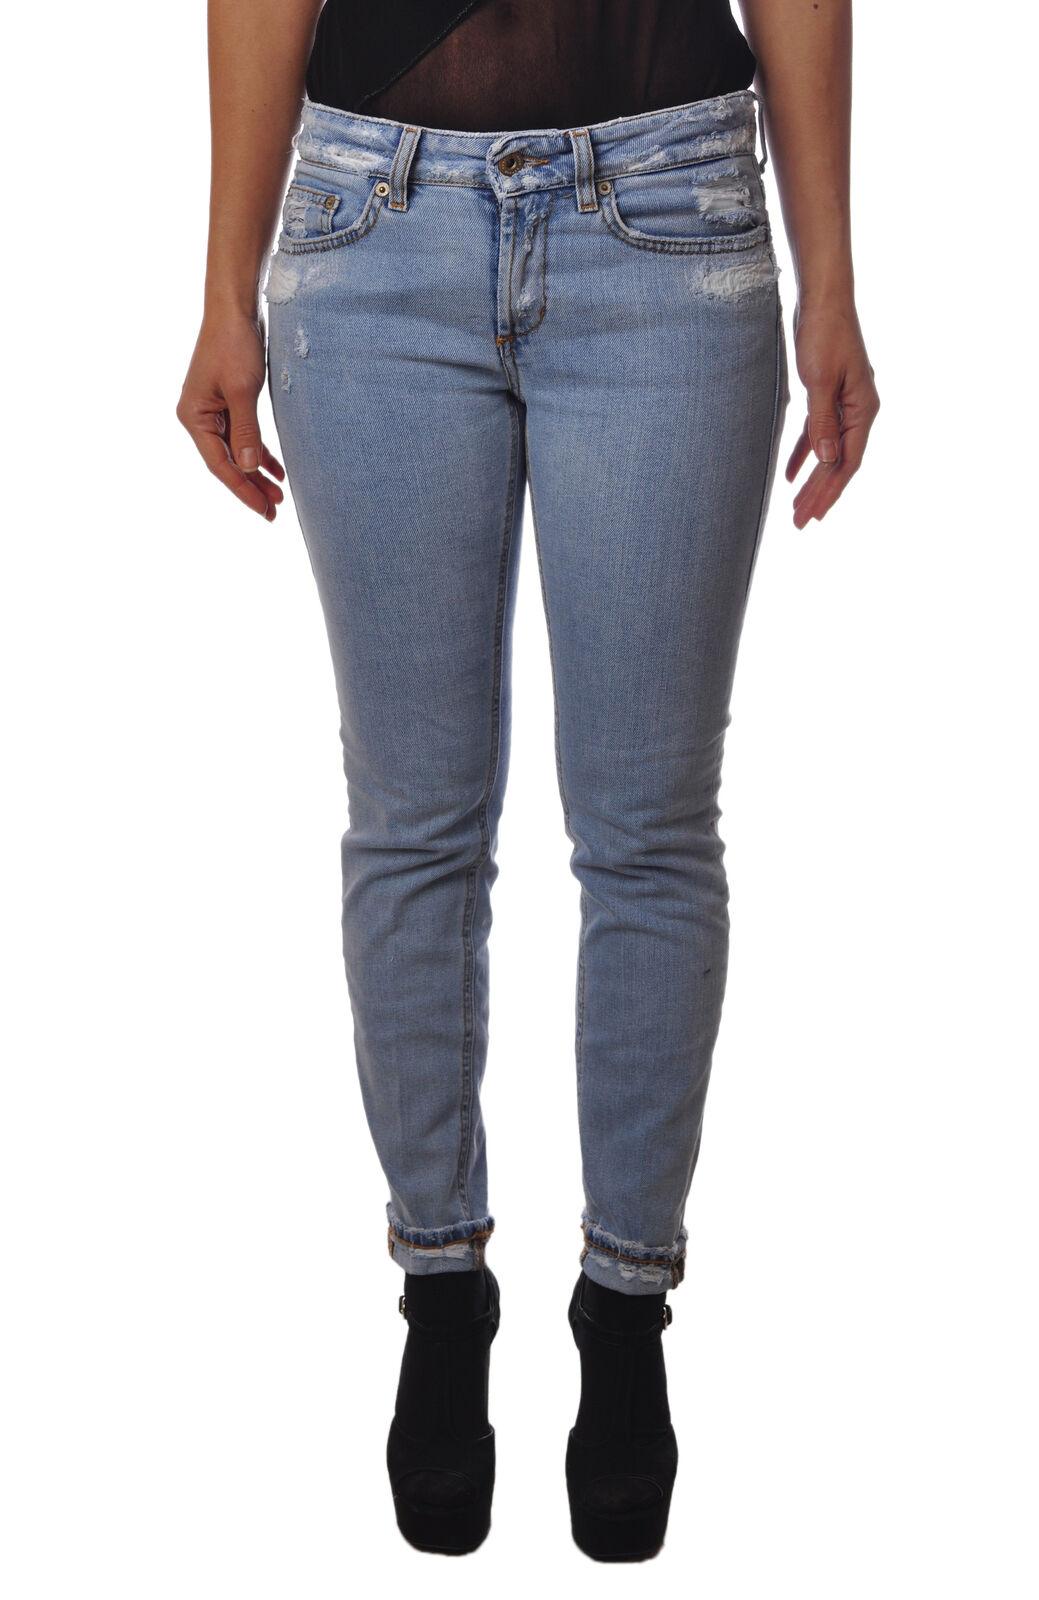 Dondup - Jeans-Pants - Woman - Denim - 4974127B183608